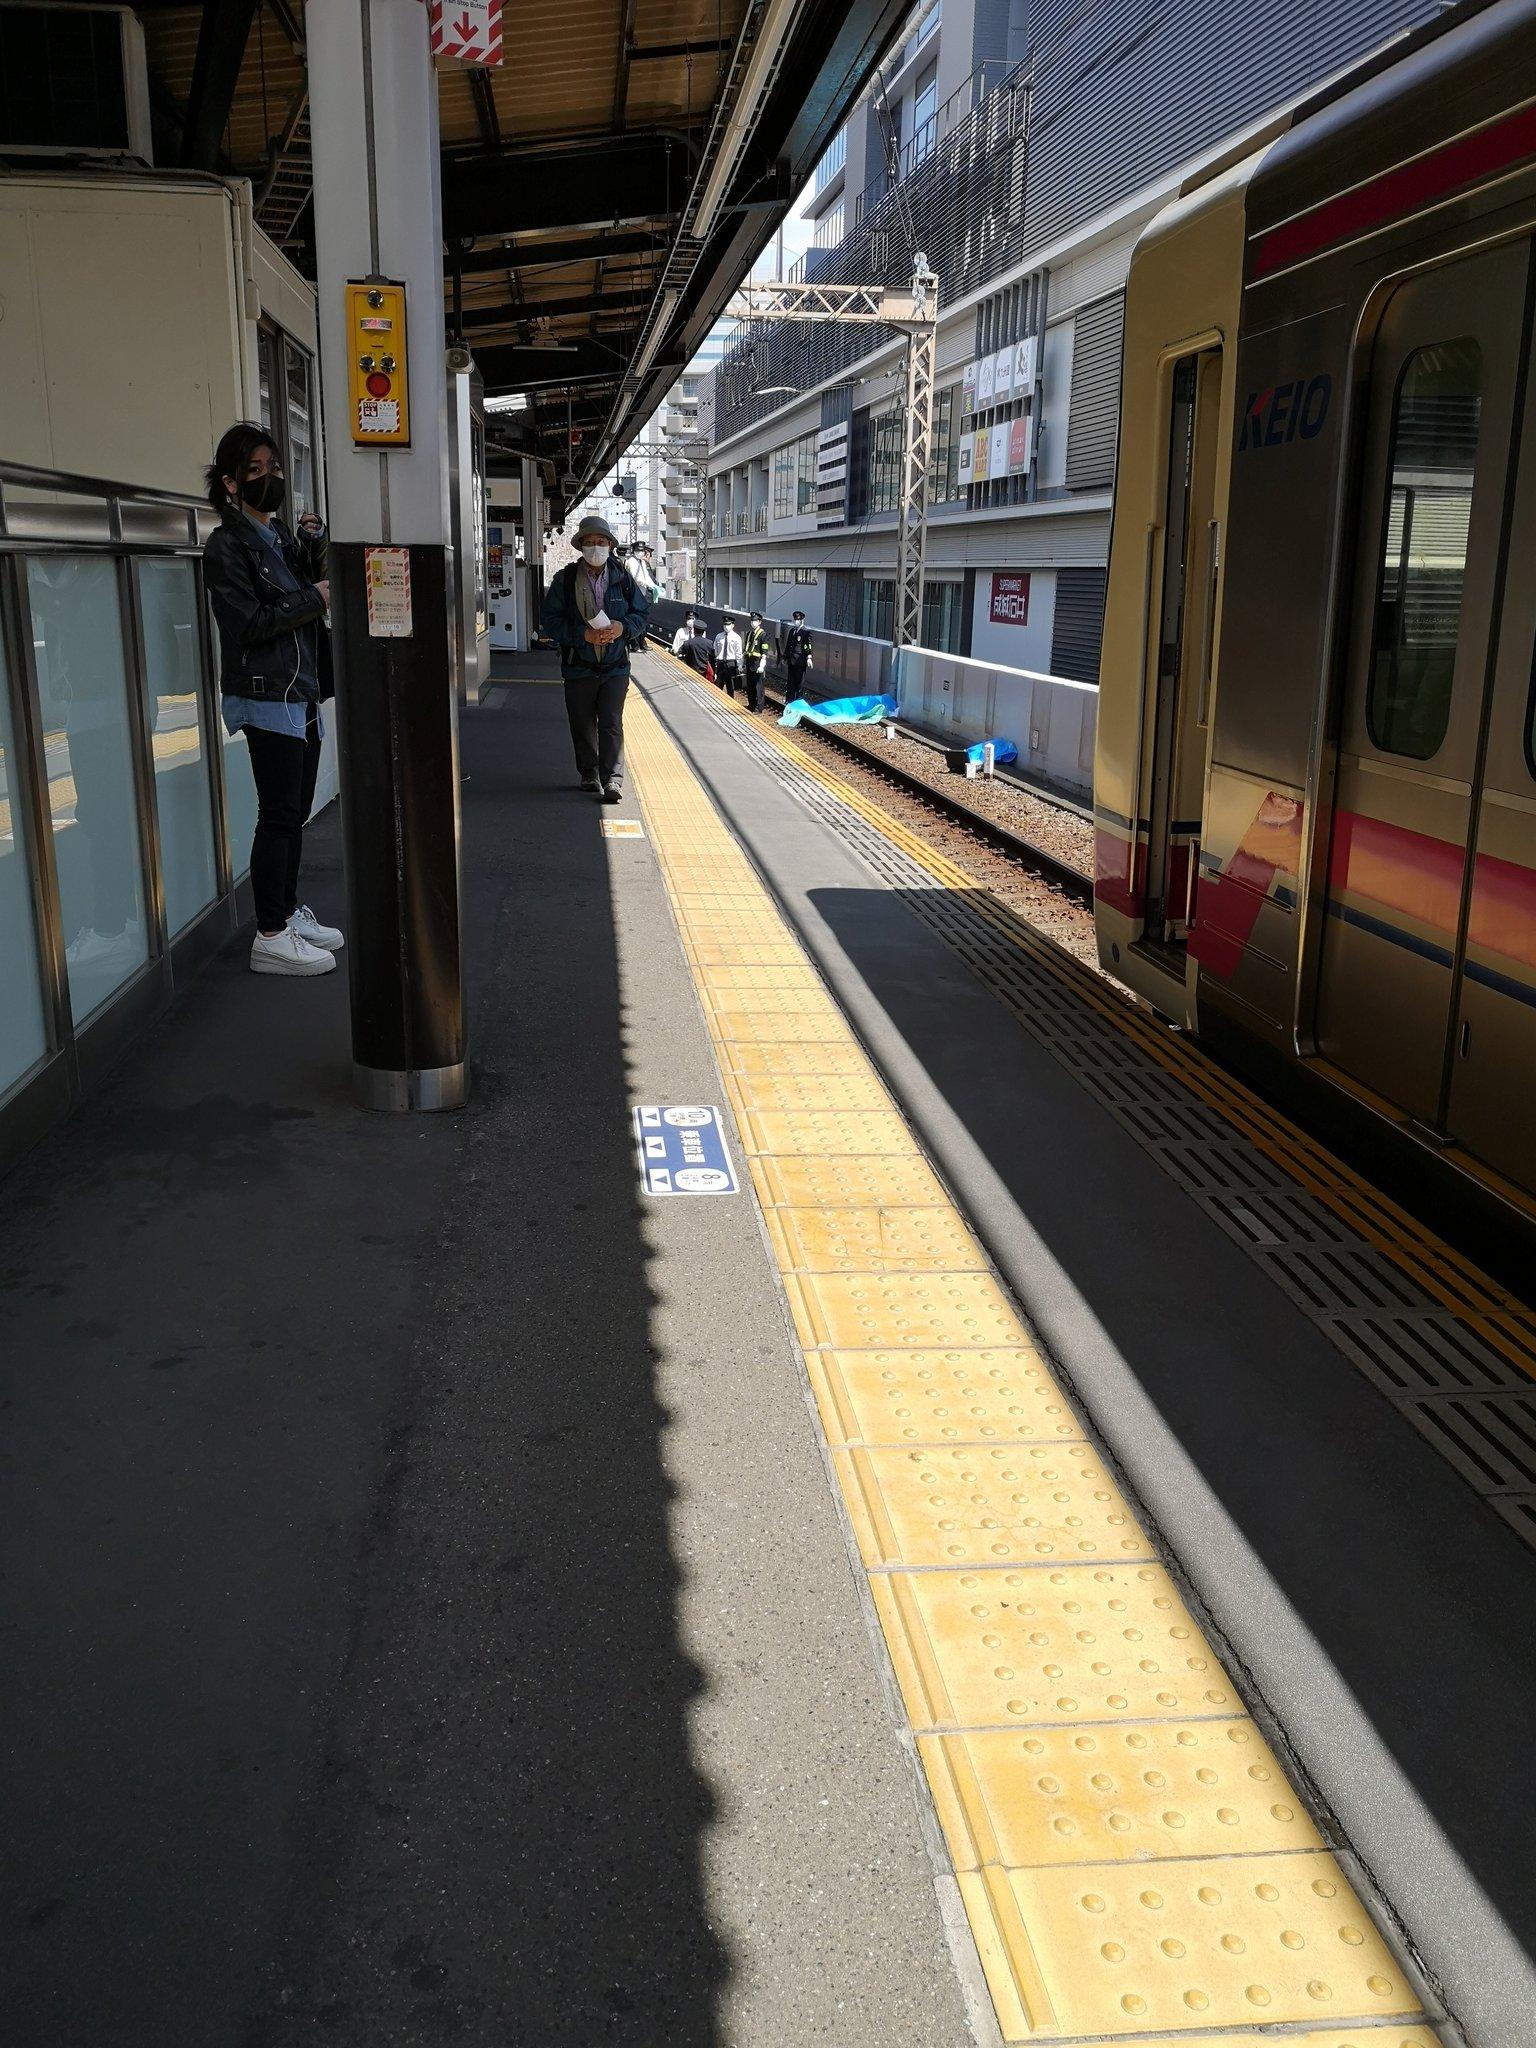 京王線の笹塚駅の飛び込み自殺の人身事故の画像